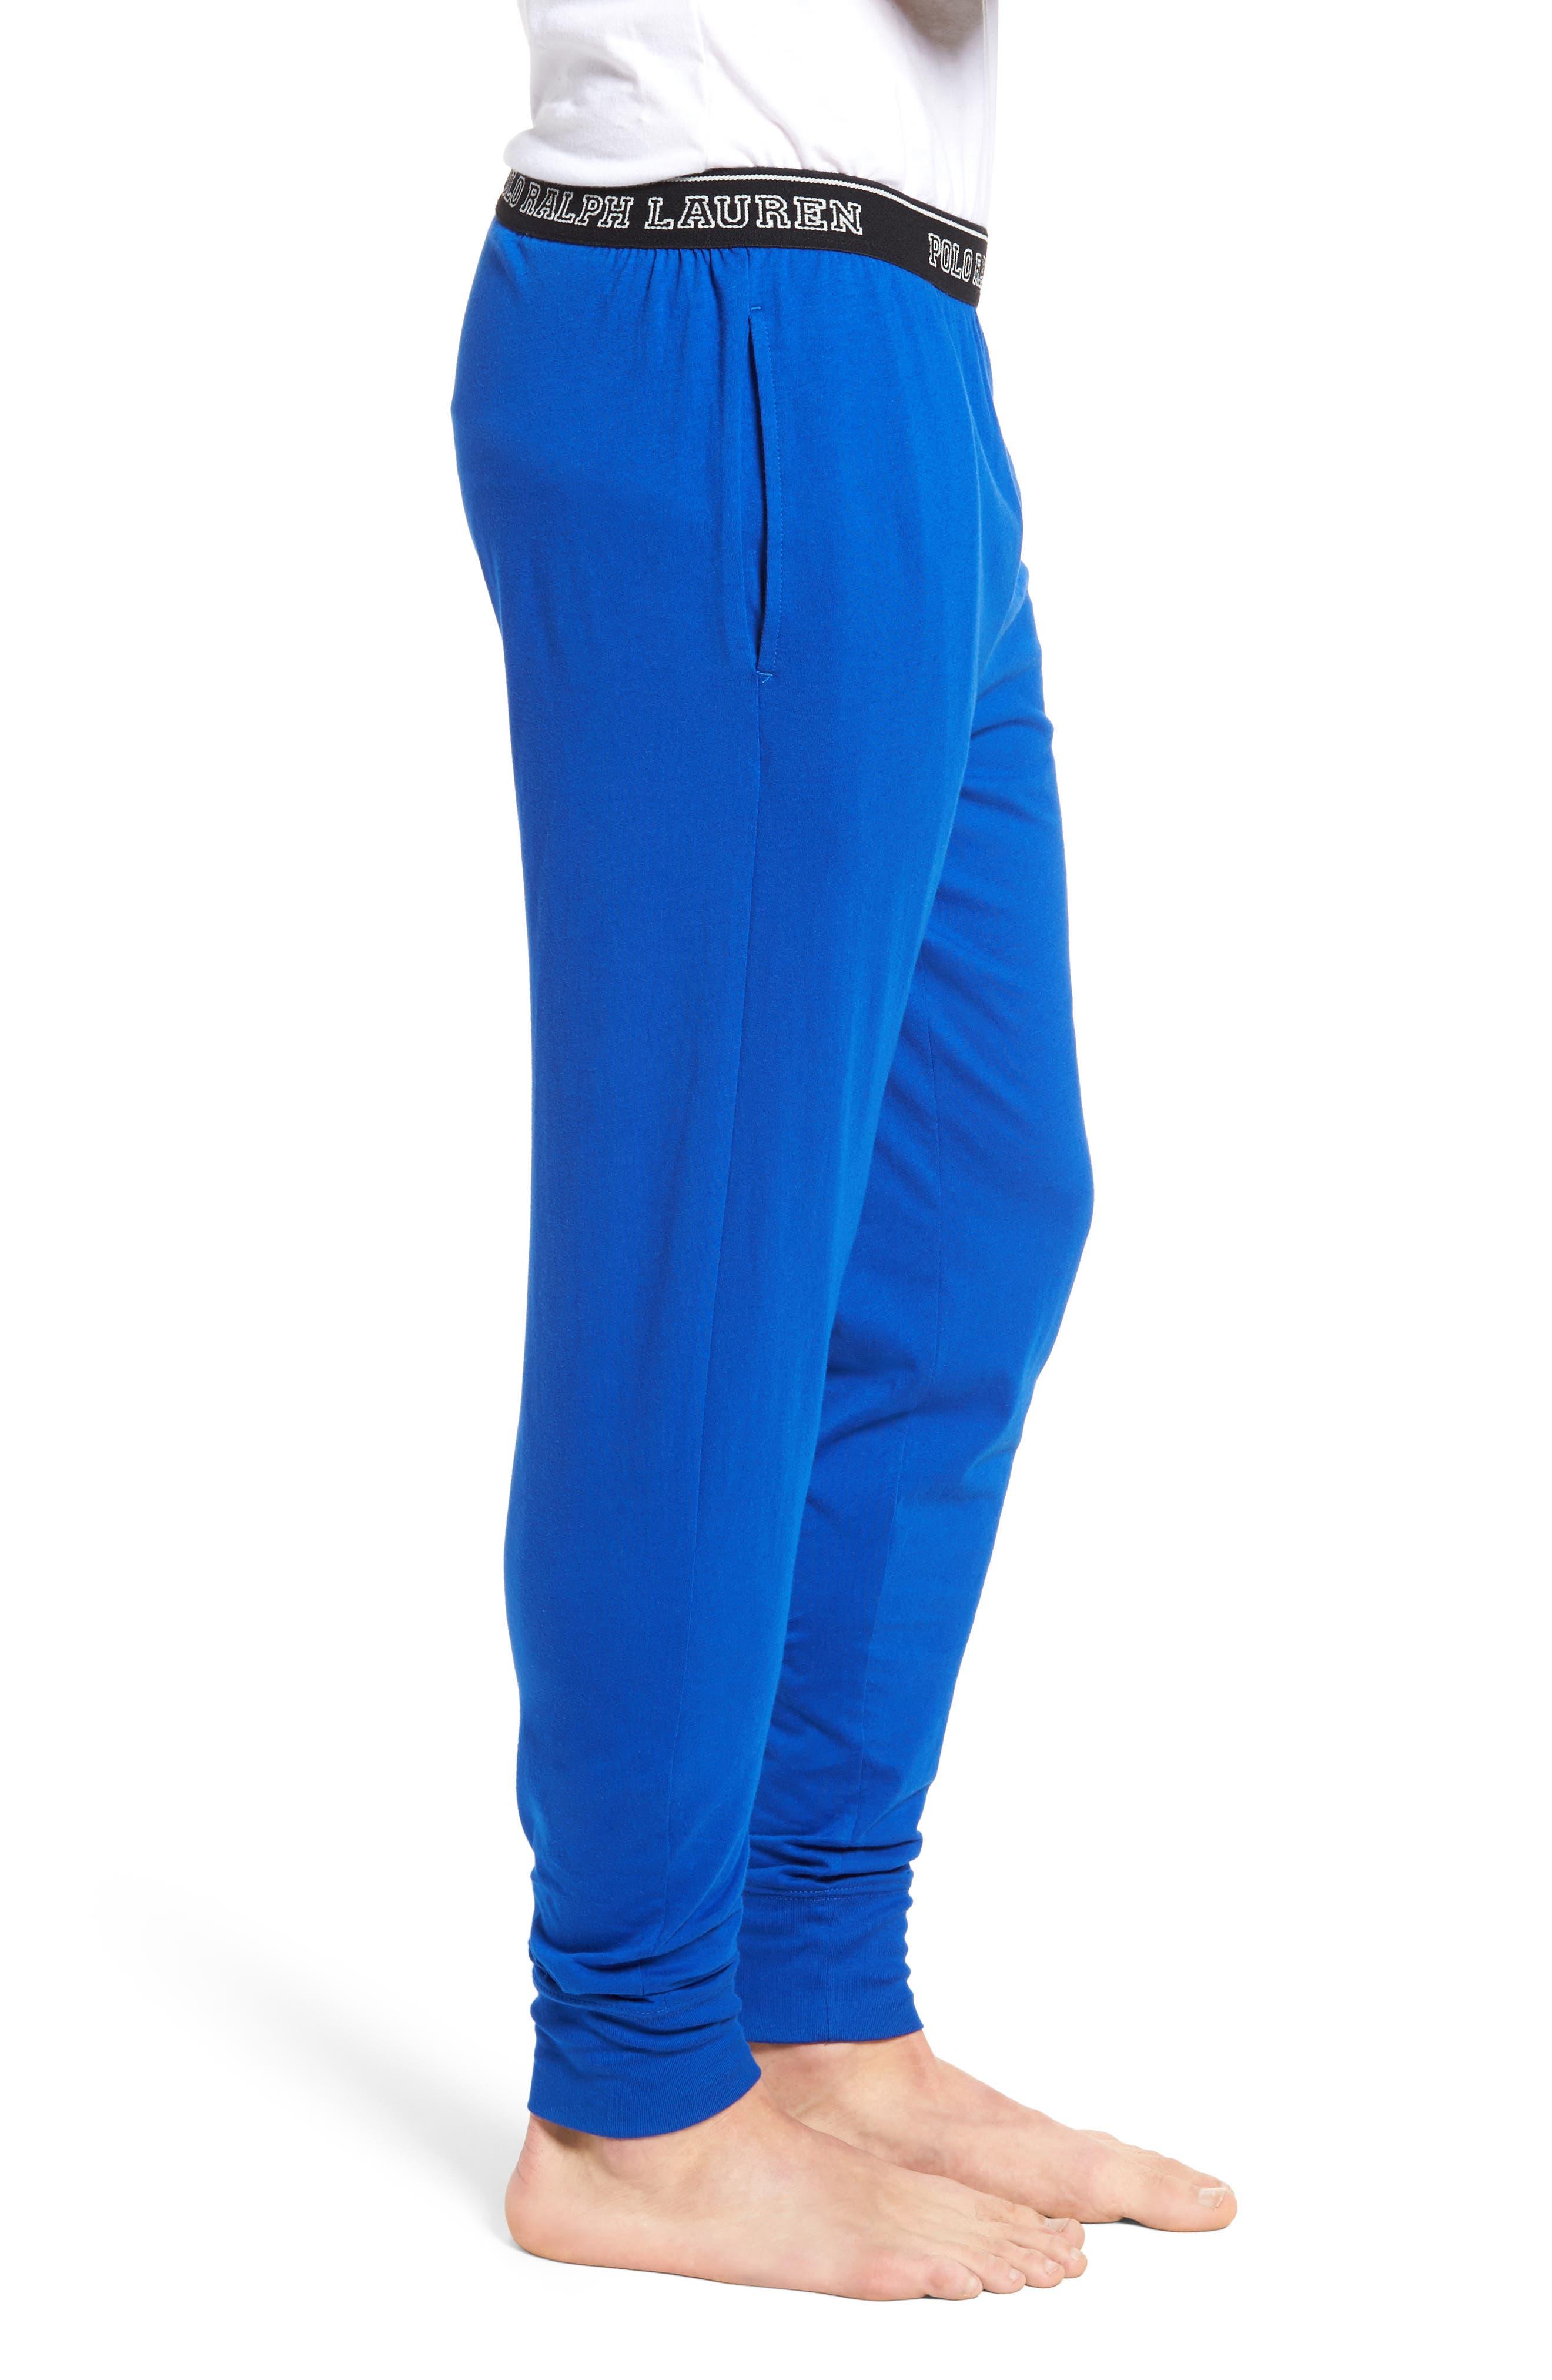 Polo Ralph Lauren Cotton Lounge Pants,                             Alternate thumbnail 3, color,                             Sapphire Star/ Crescent Cream